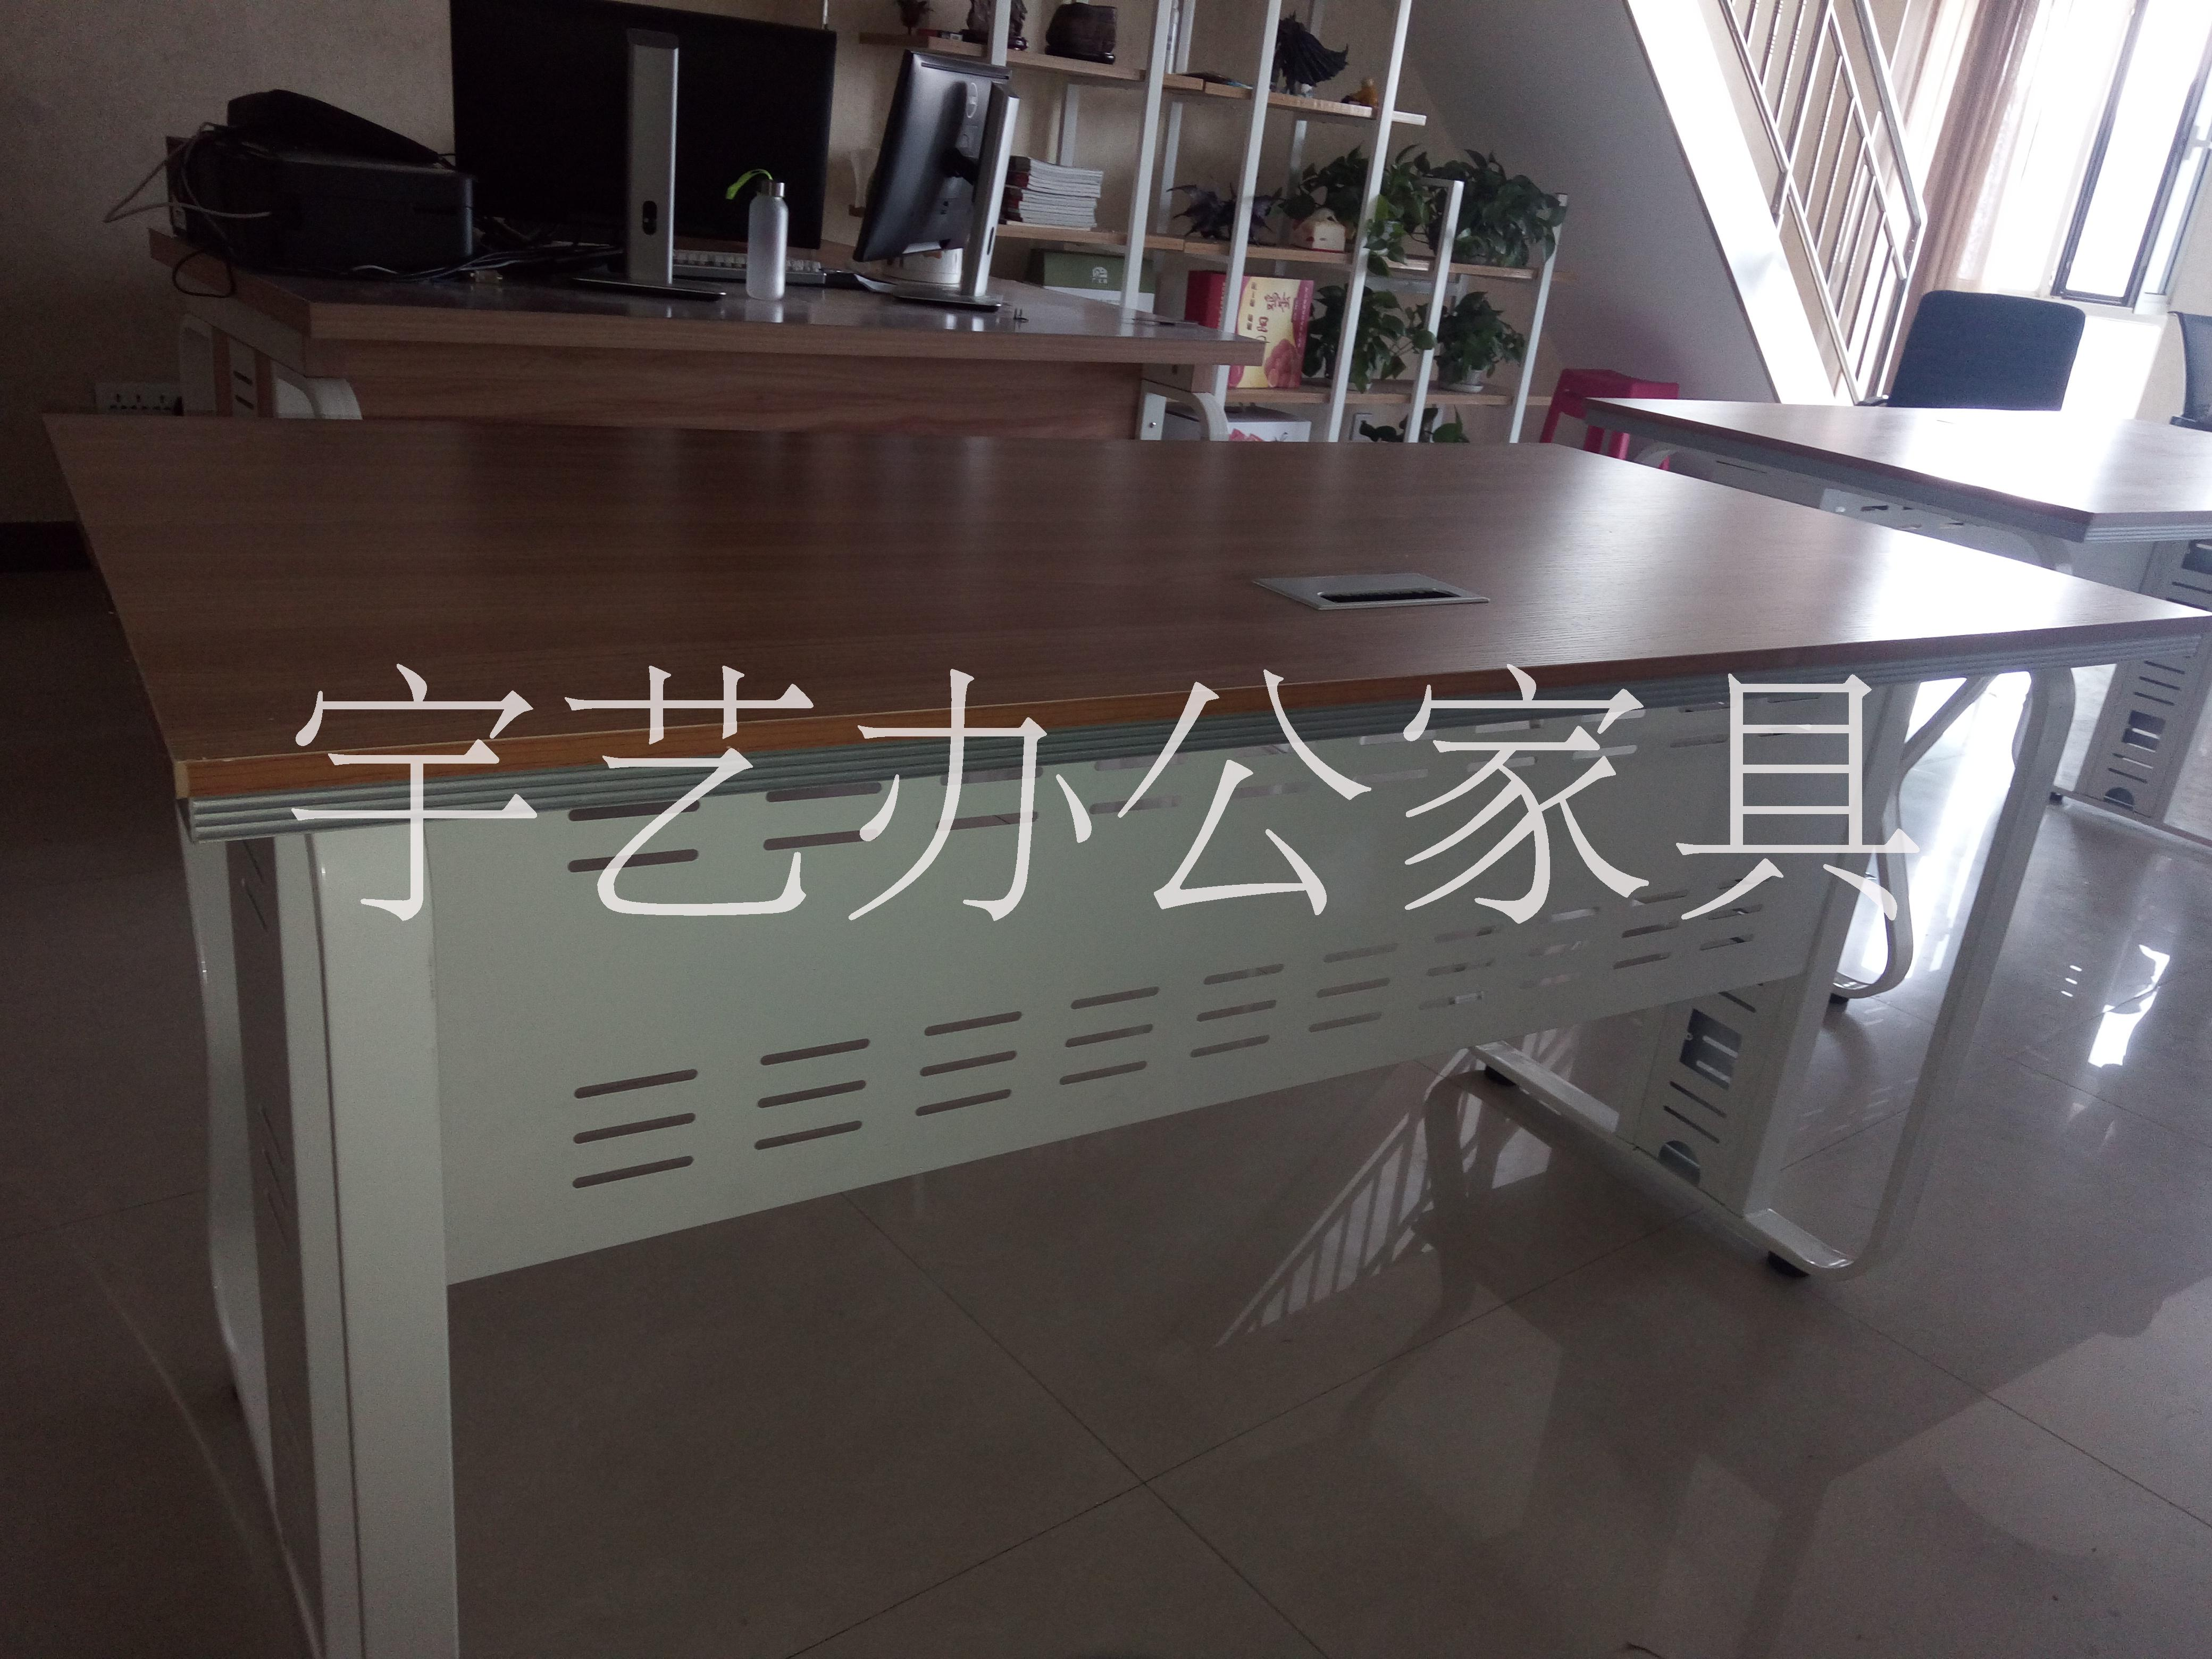 宇艺办公家具 宇艺办公家具厂